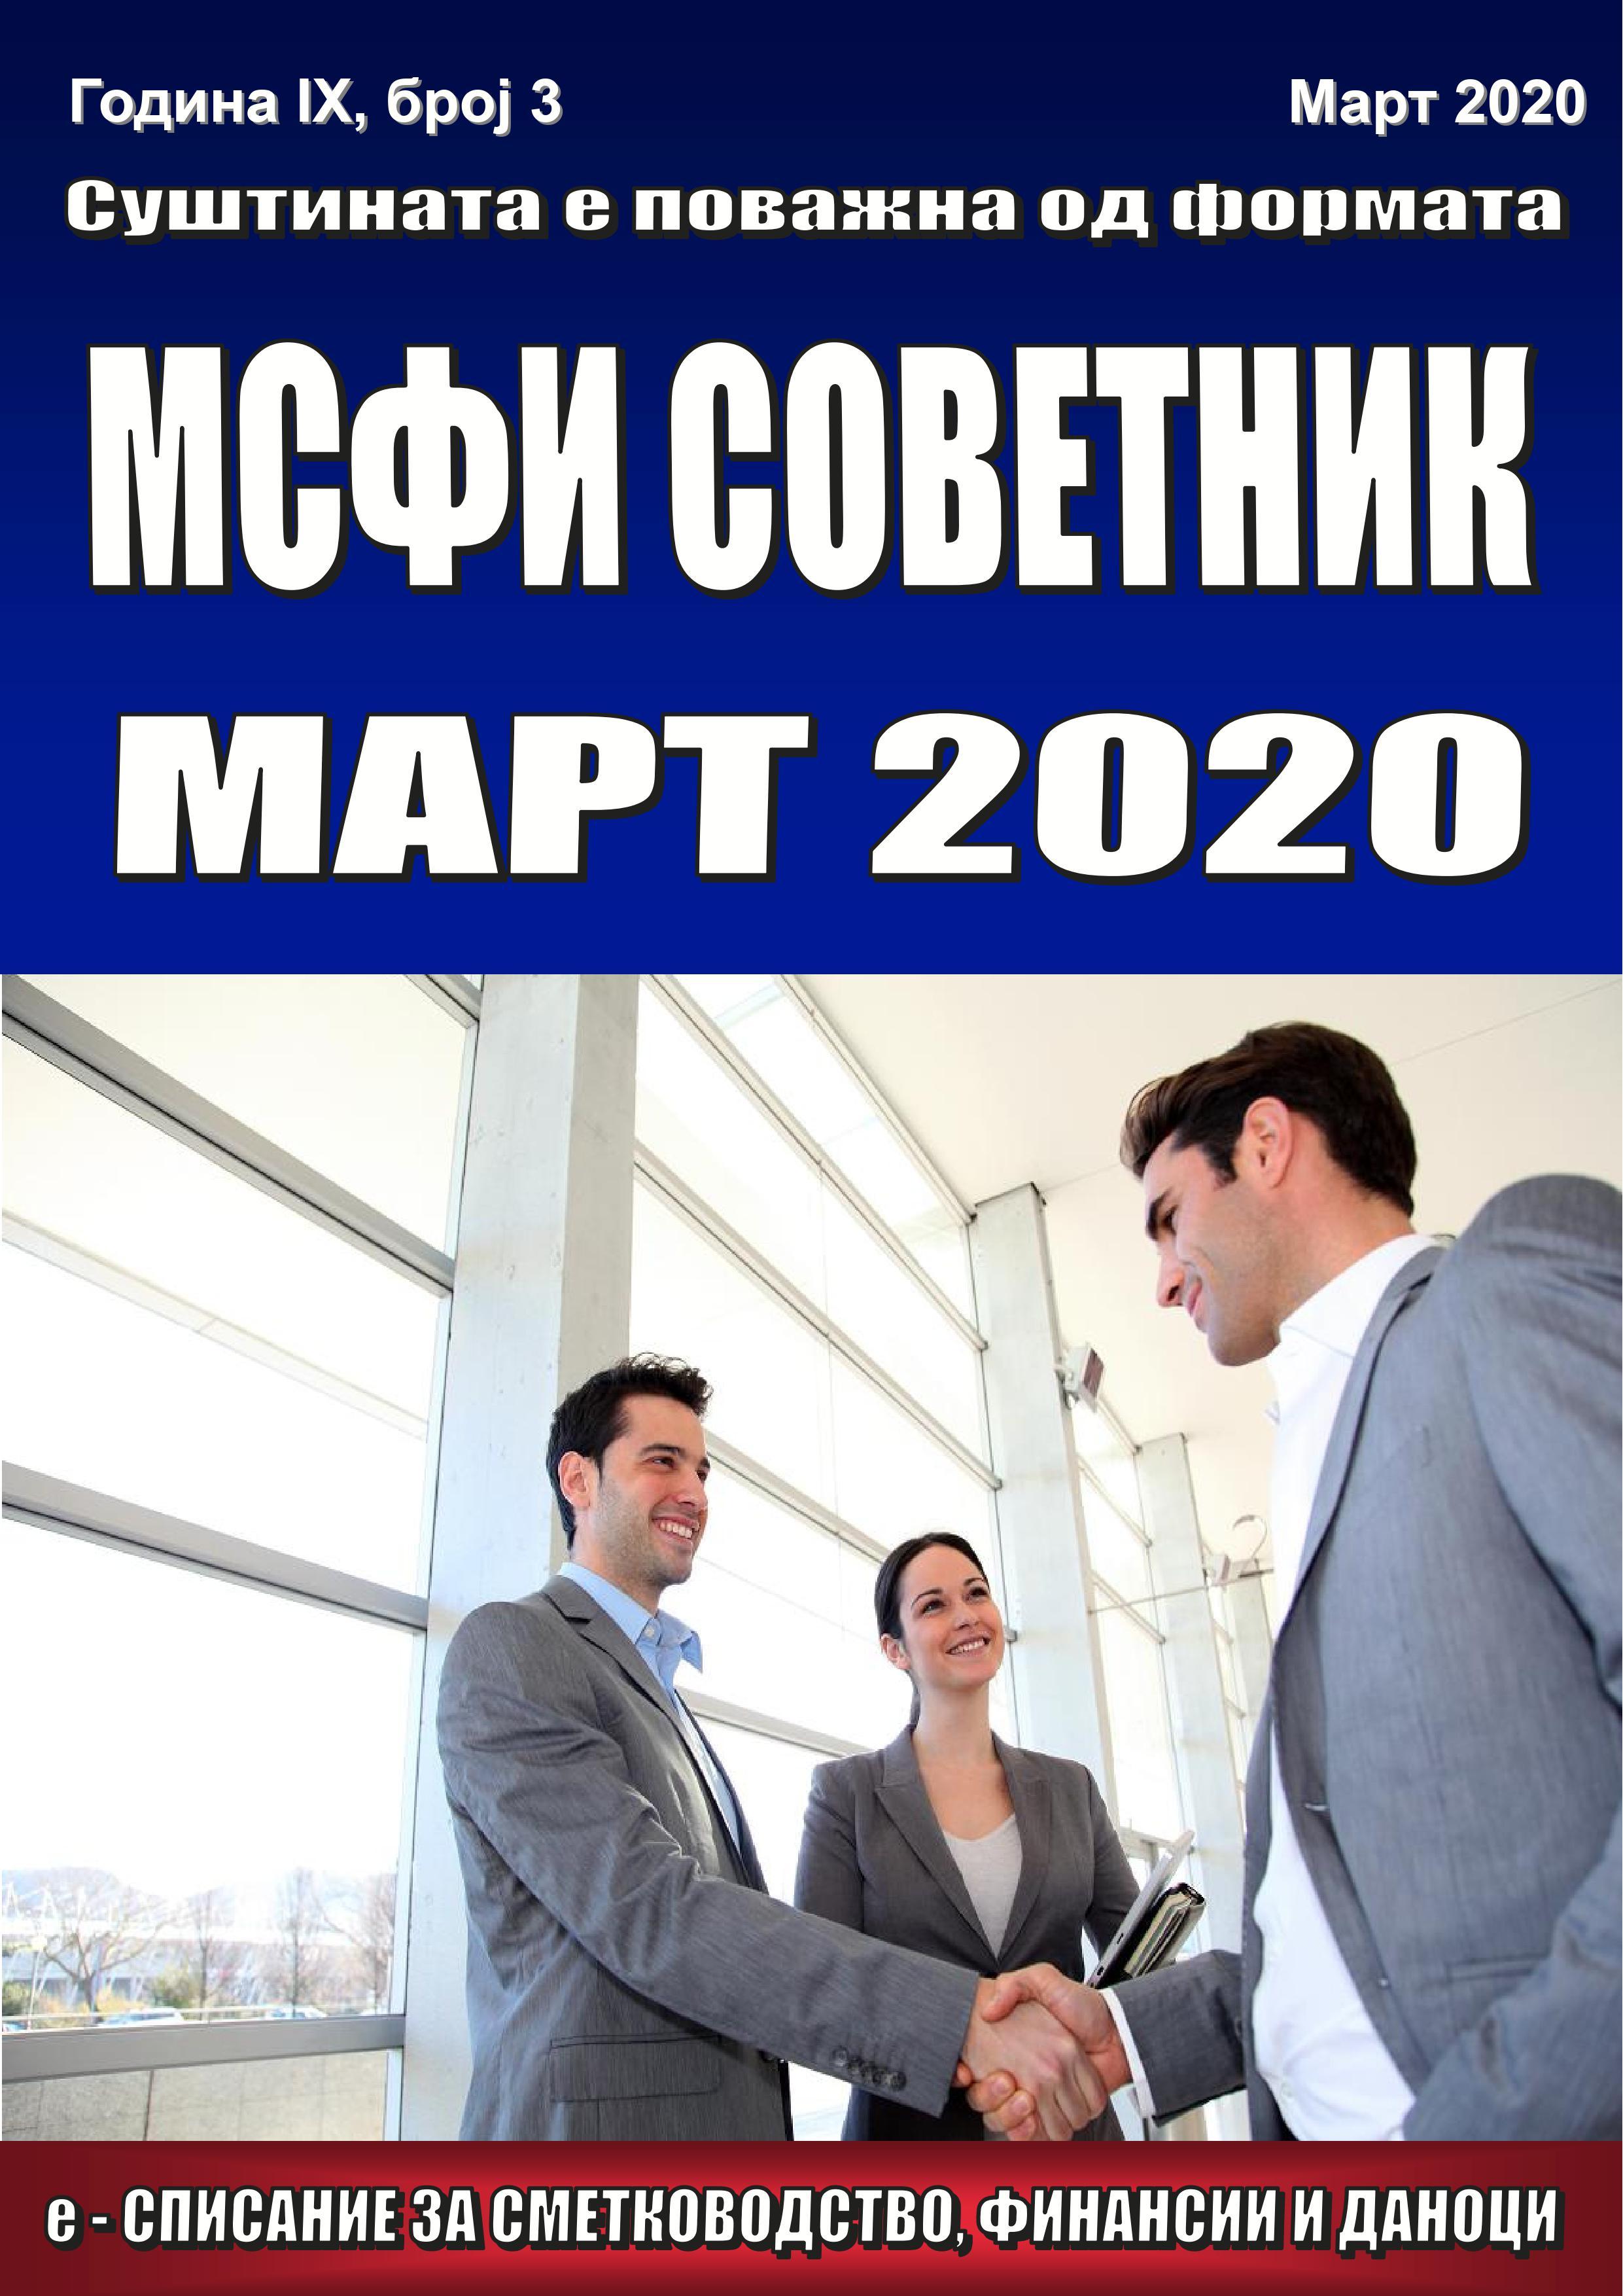 Најнов број на МСФИ Информатор